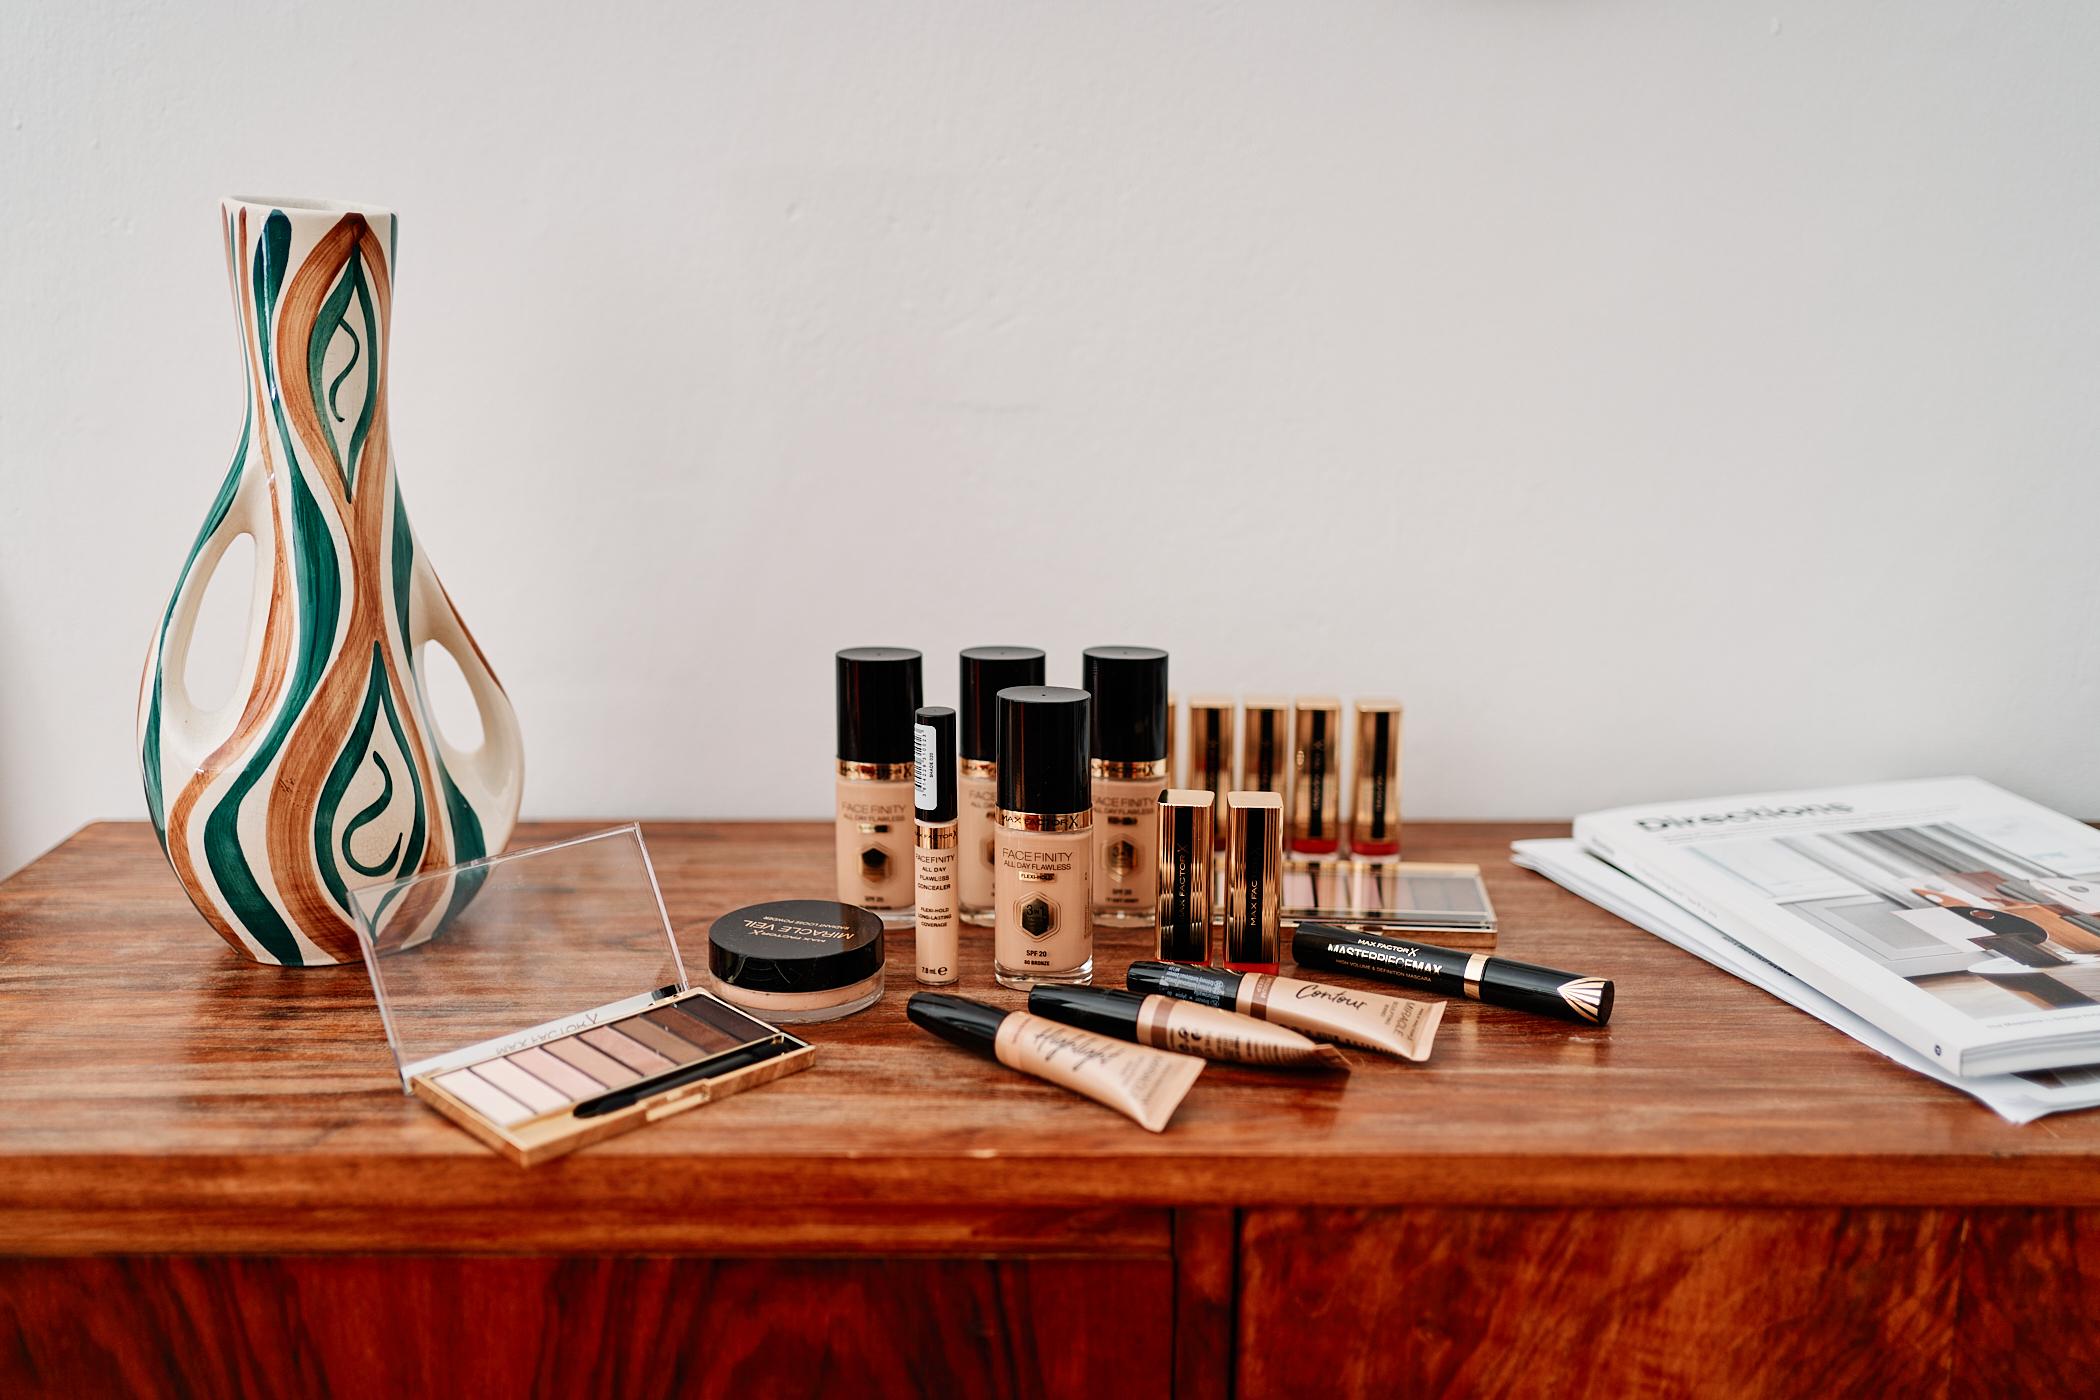 Stwórz wyjątkowy makijaż świąteczny – poznaj kosmetyki Max Factor i wykonaj makijaż na wigilię krok po kroku